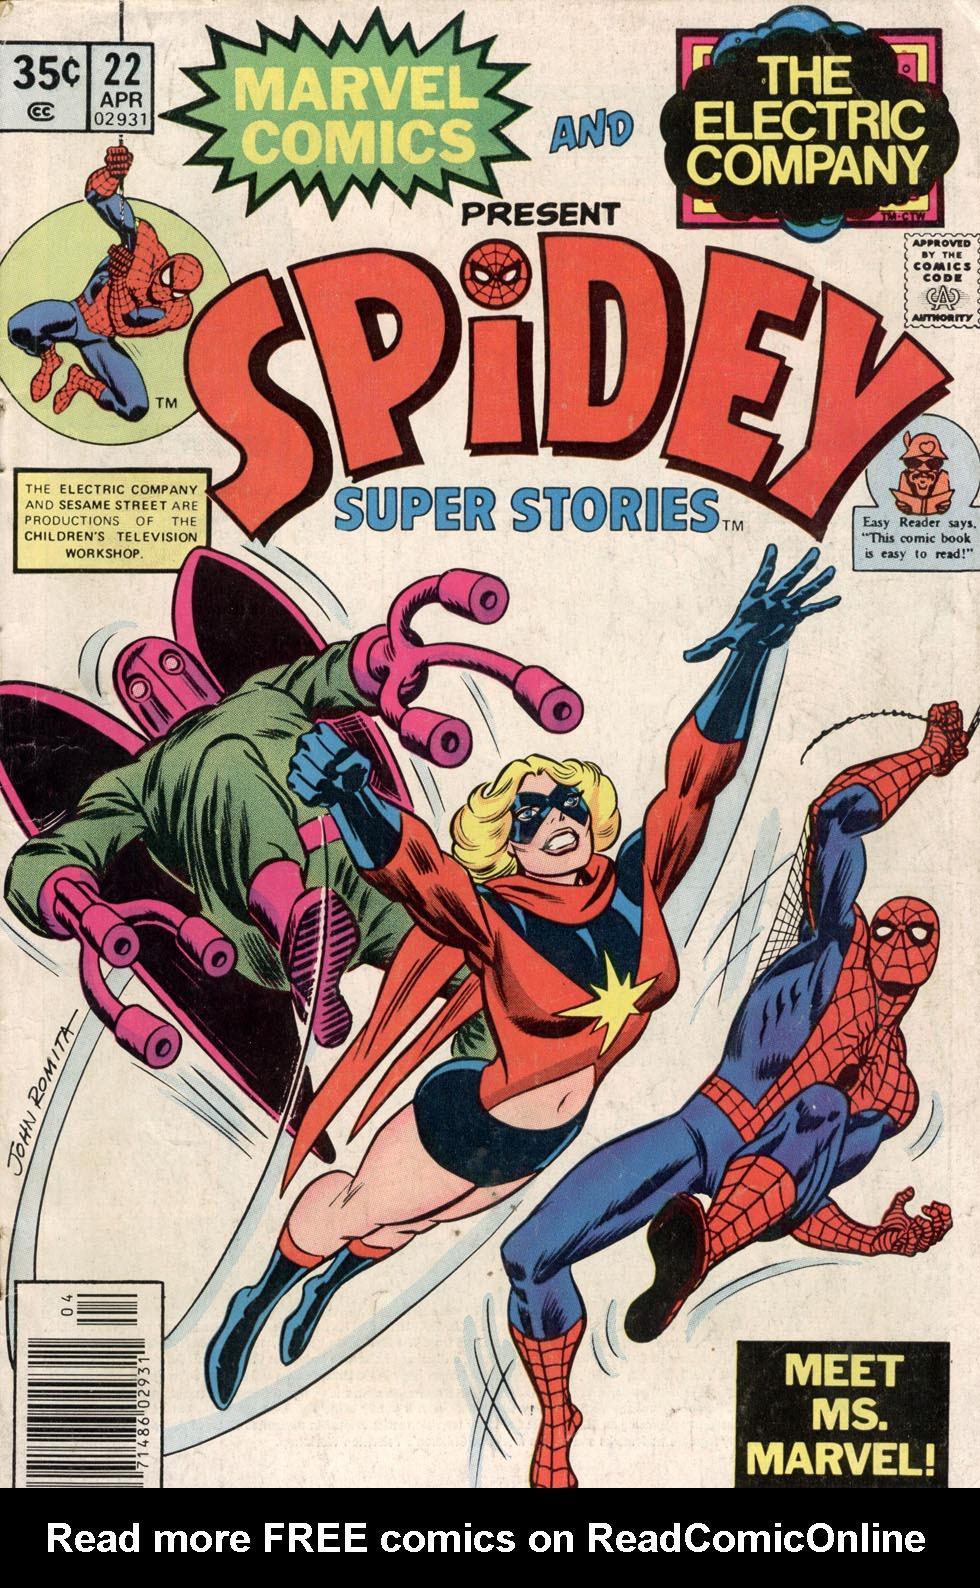 Spidey Super Stories 22 Page 1